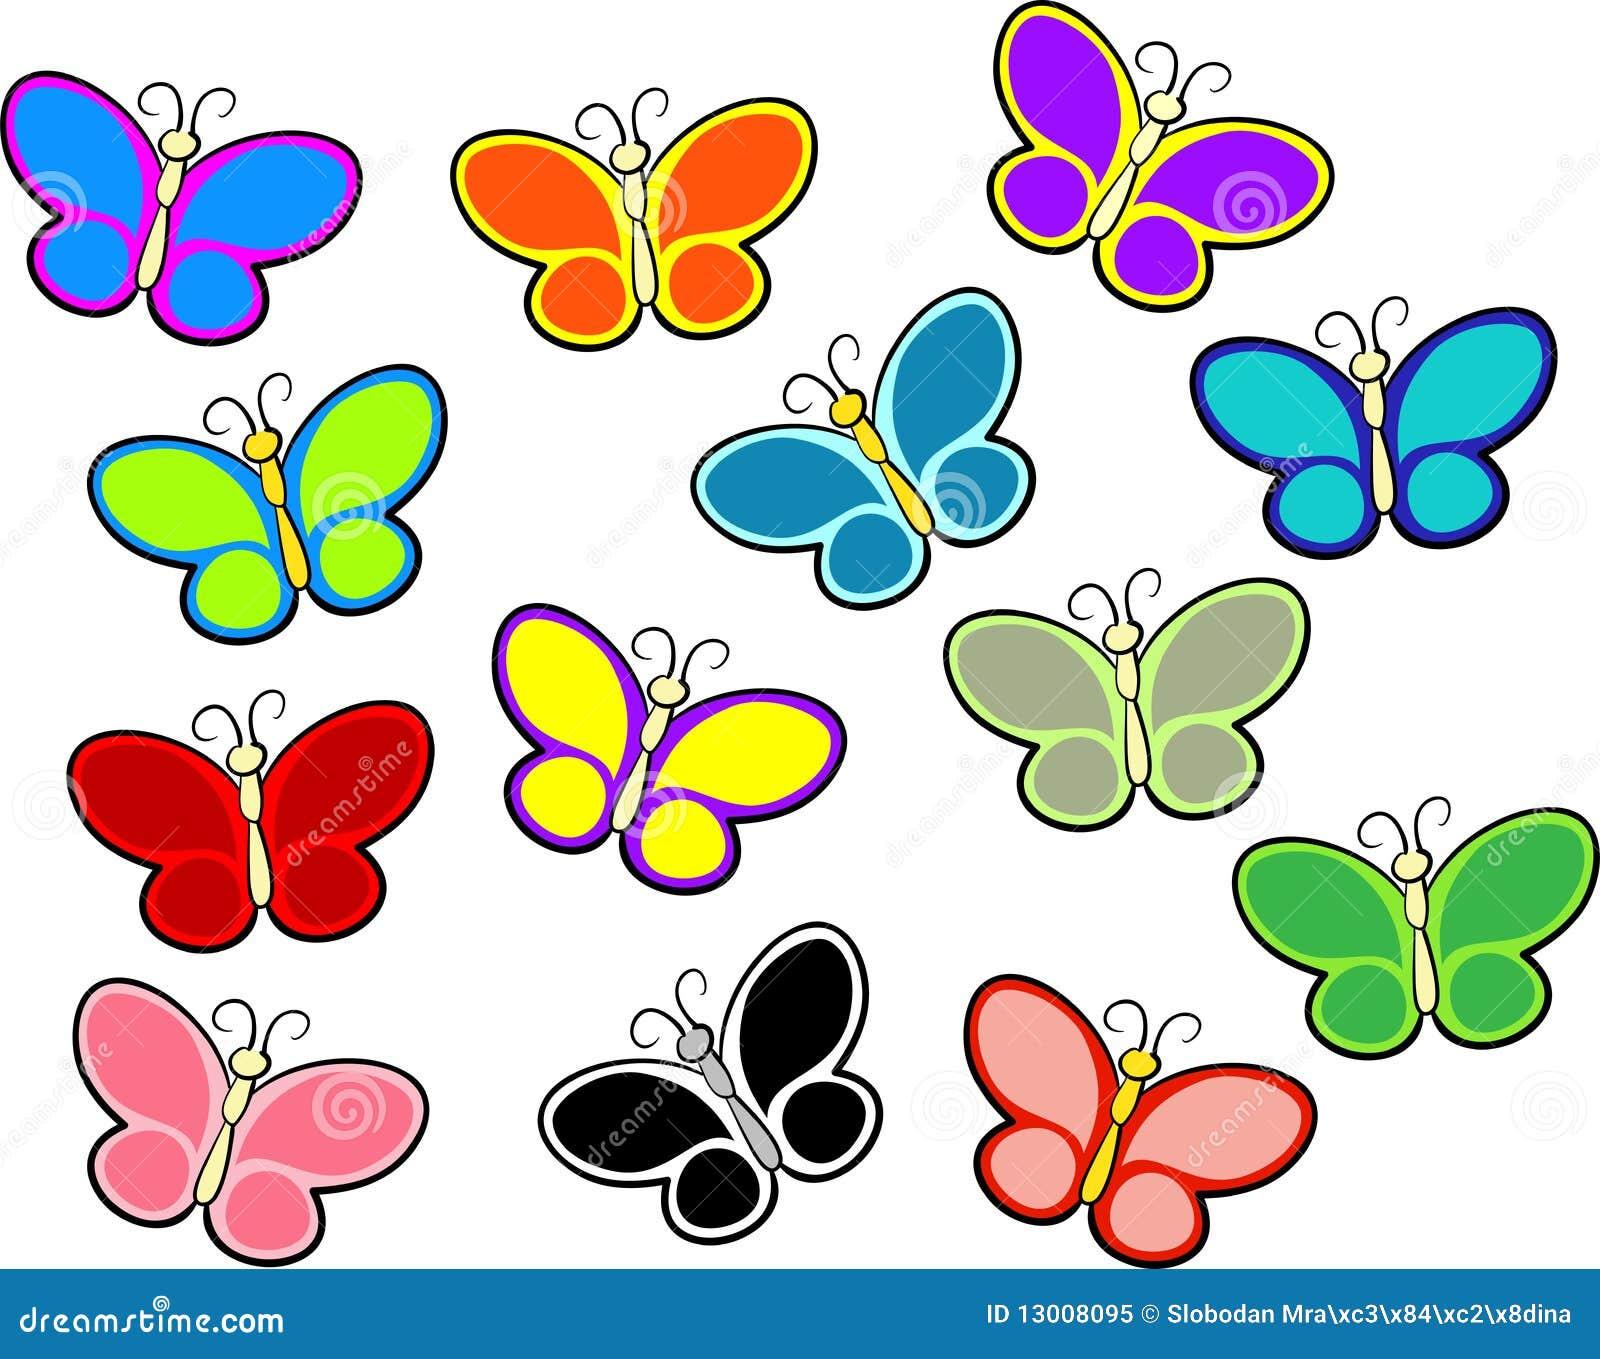 Mariposas De Colores. Mariposa De Colores Dibujo Para Colorear E ...